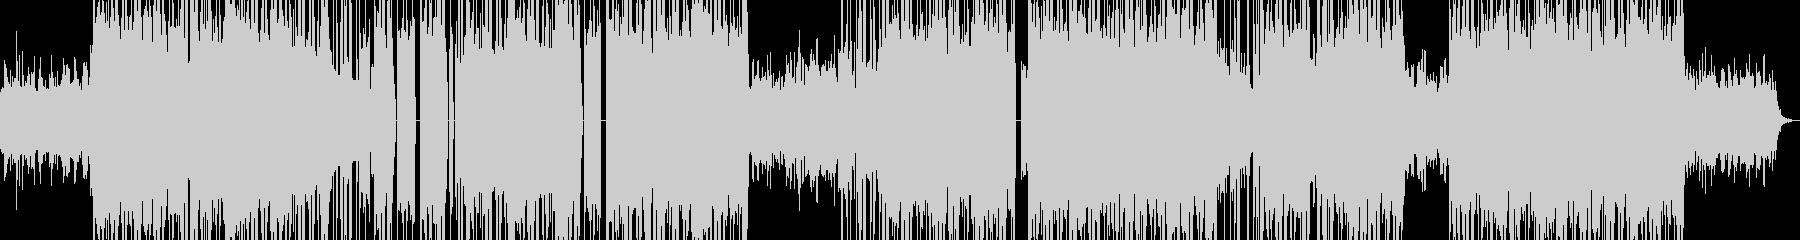 シンセサイザーのマイナーコード曲の未再生の波形